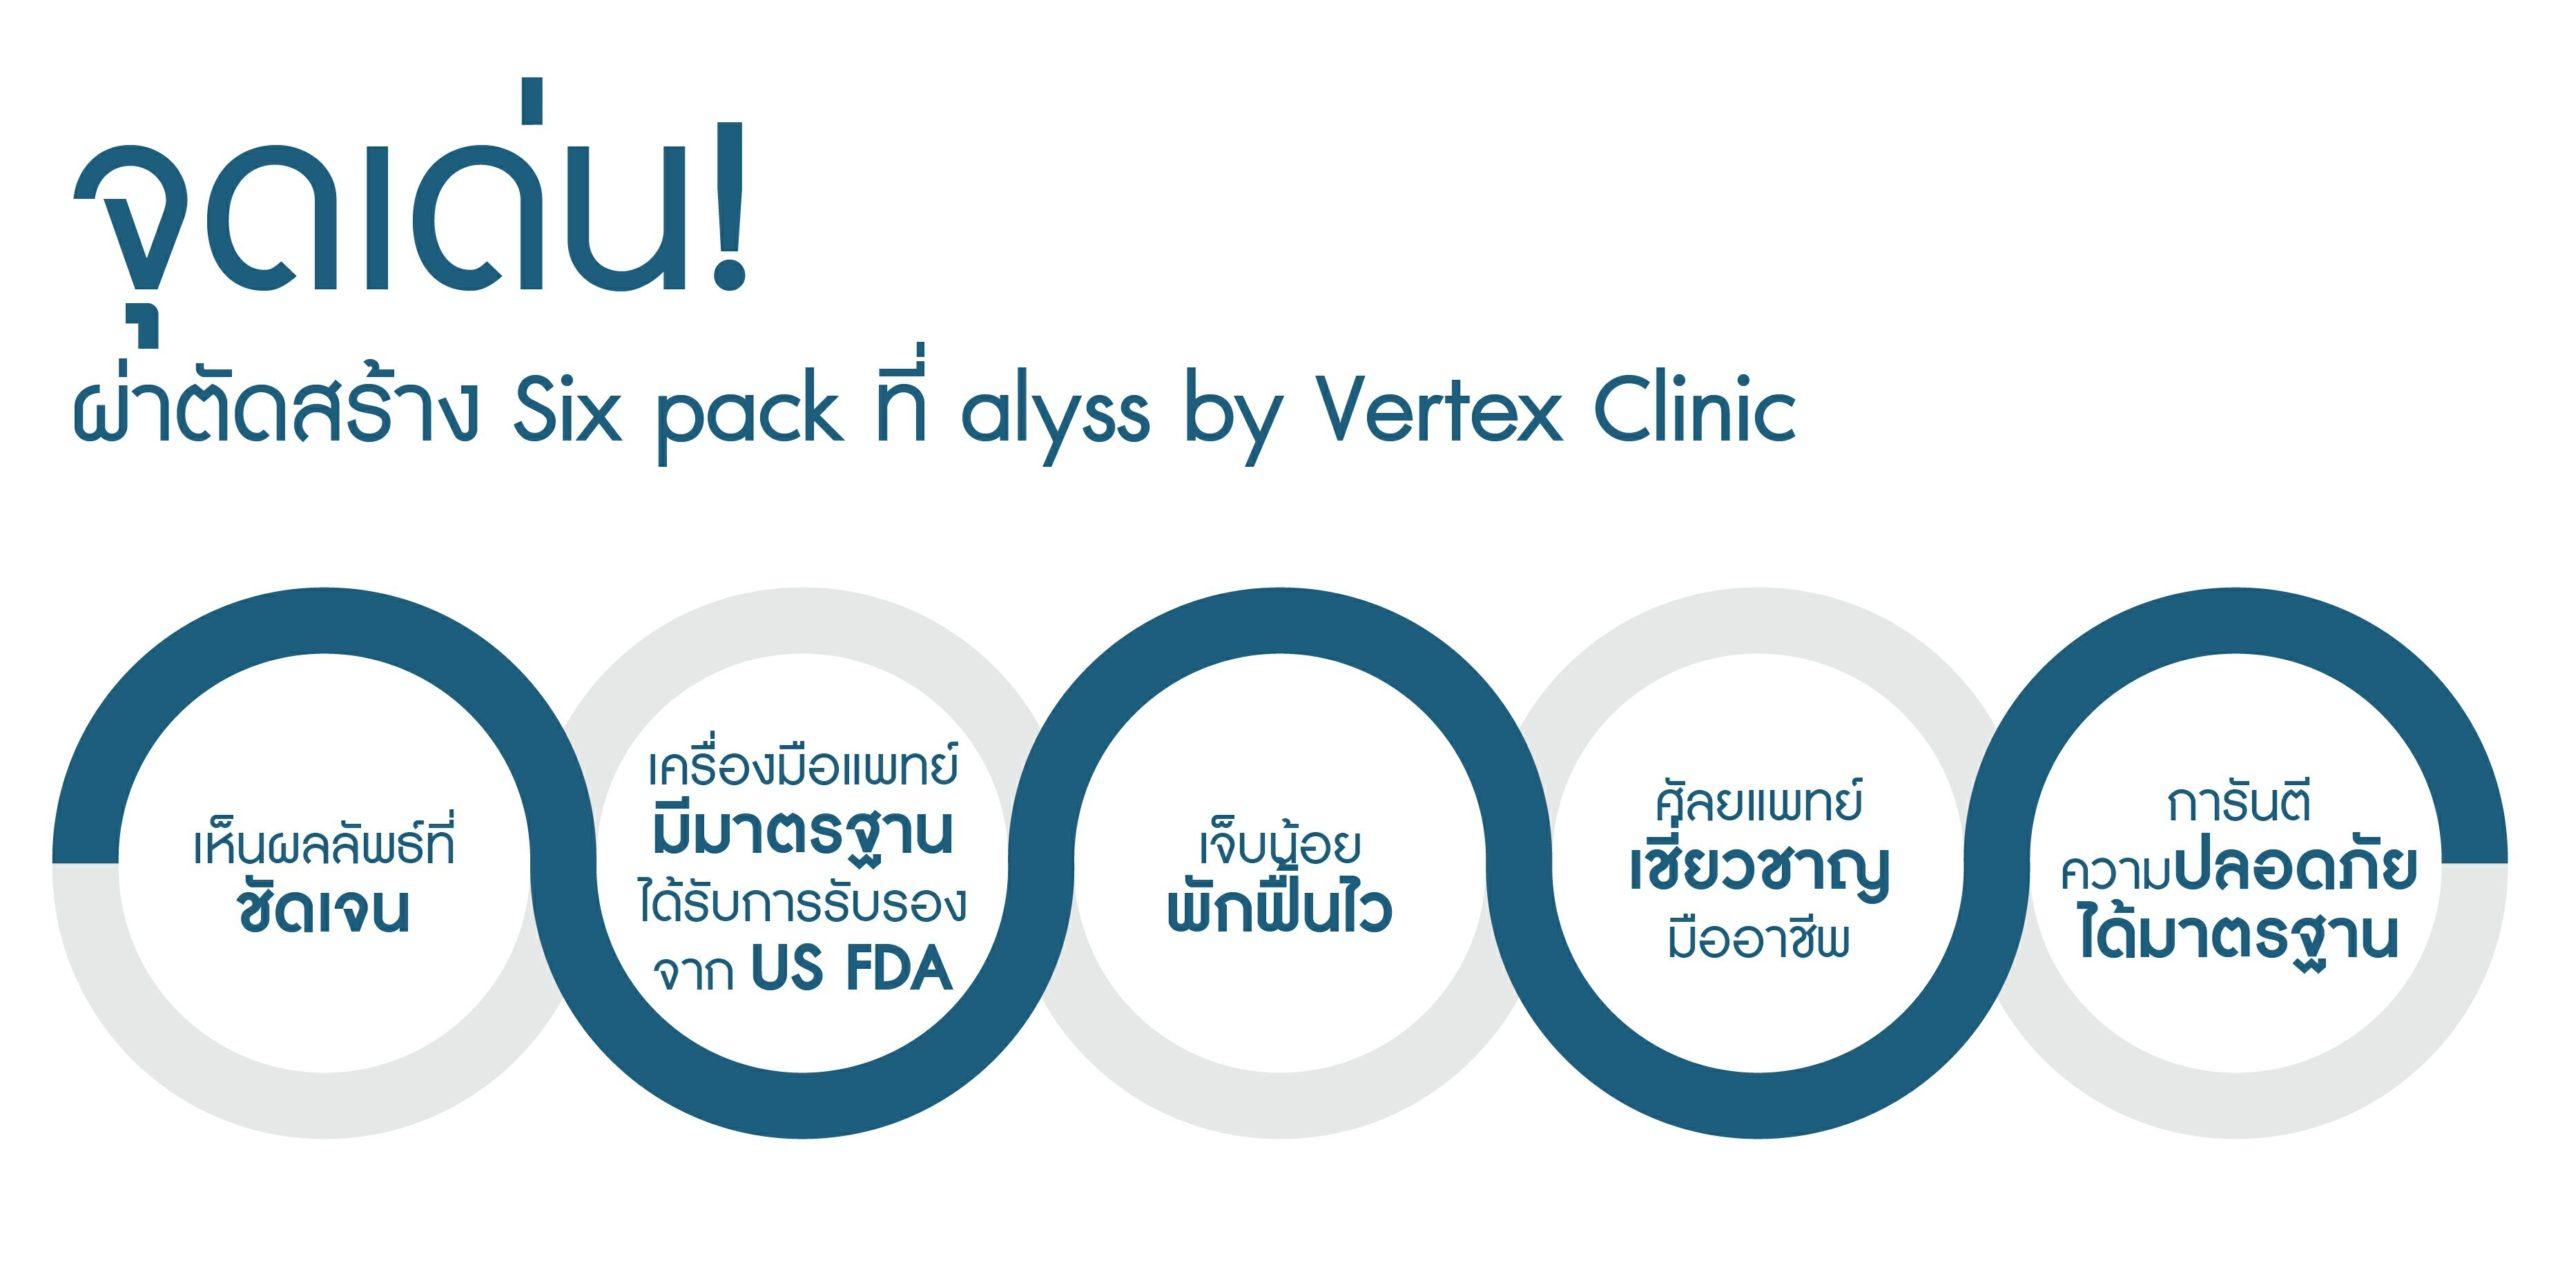 alyss by Vertex Clinic พร้อมด้วยศัลยแพทย์มากความสามารถและอุปกรณ์ที่ได้มาตรฐาน